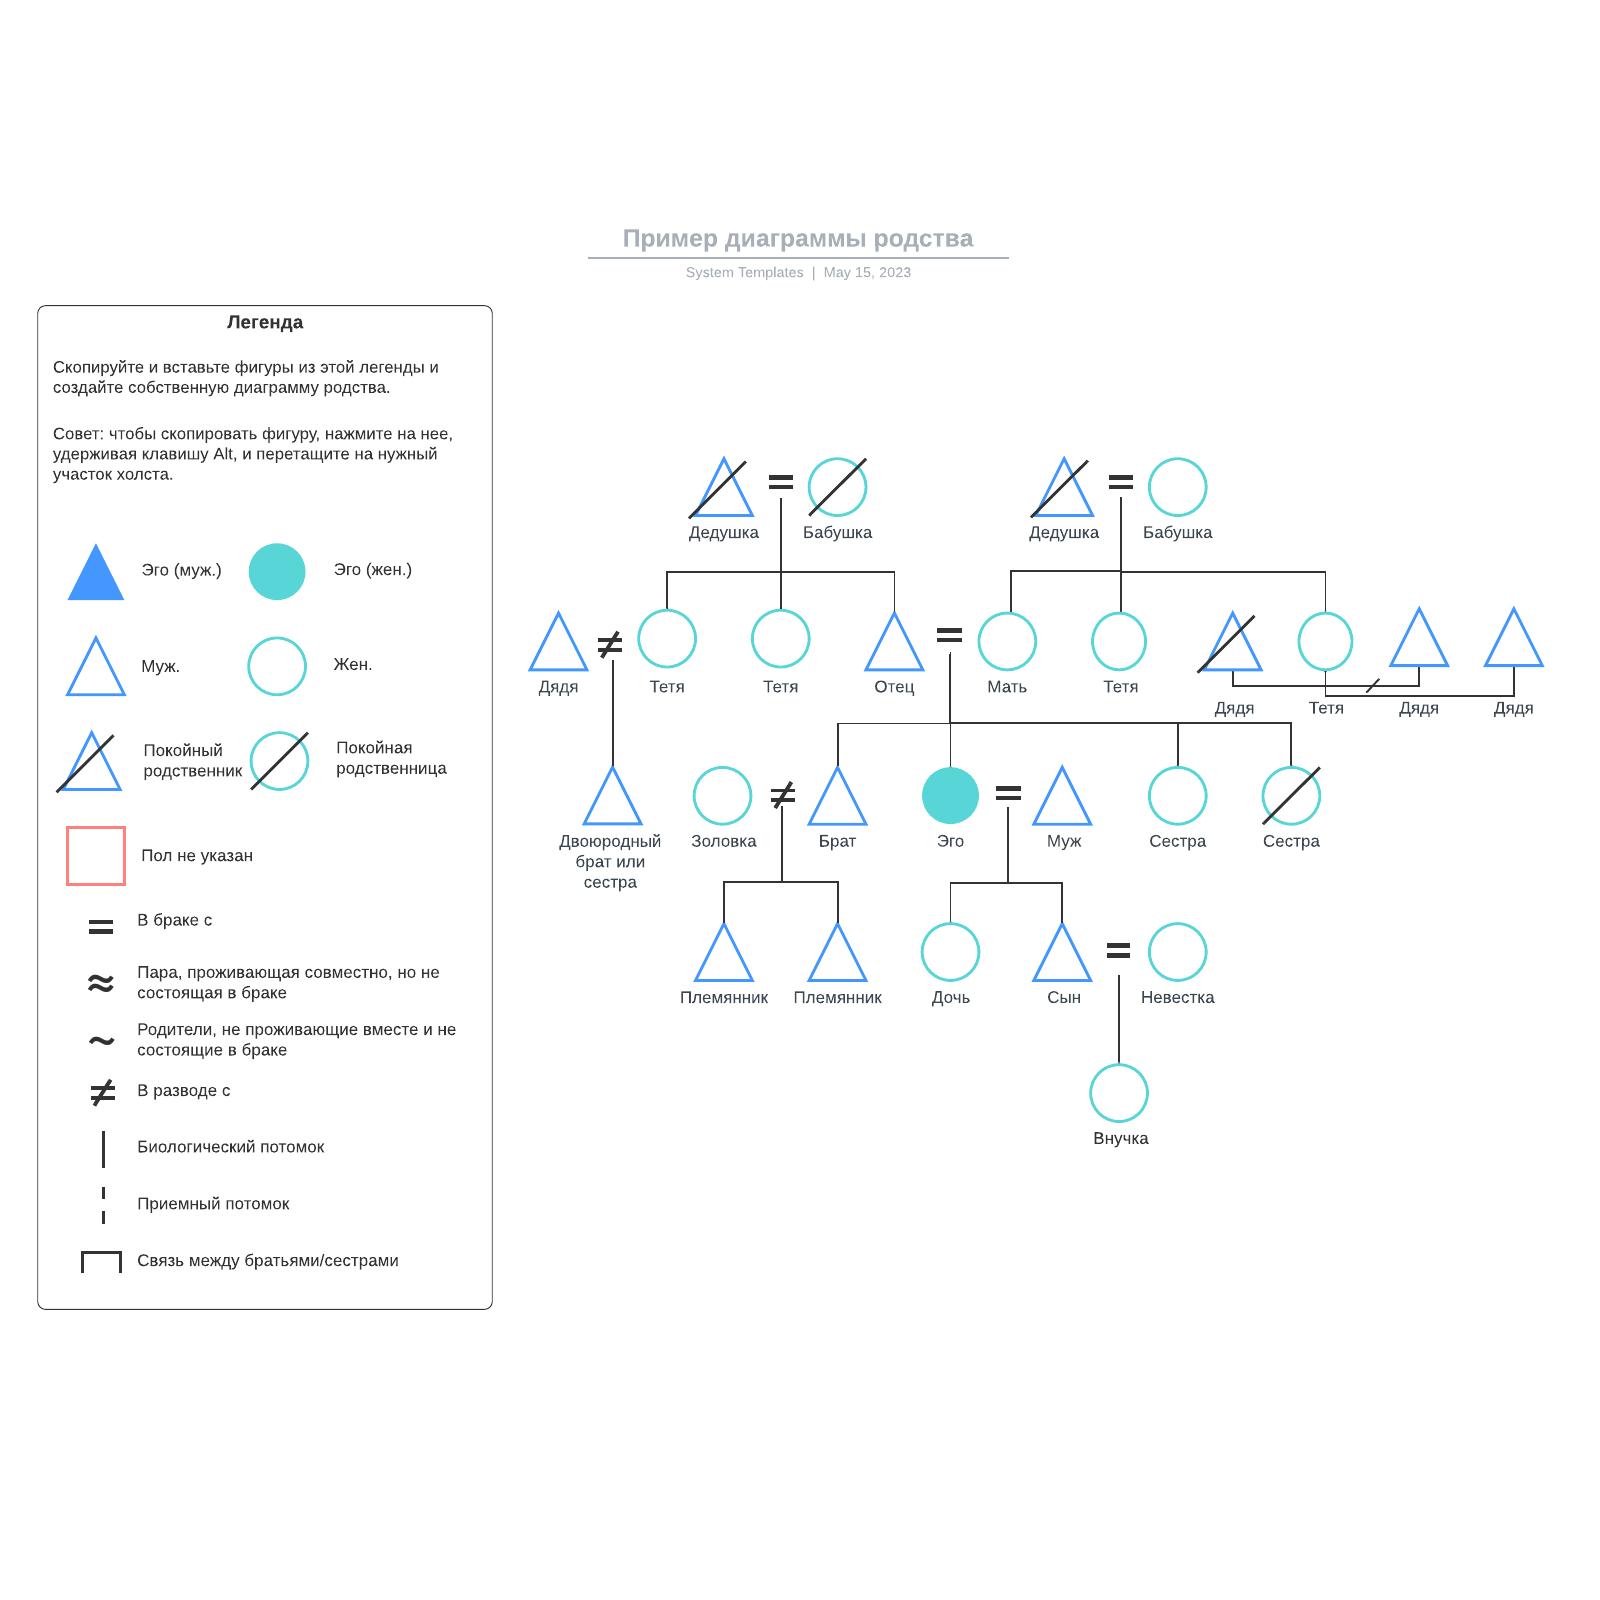 Пример диаграммы родства